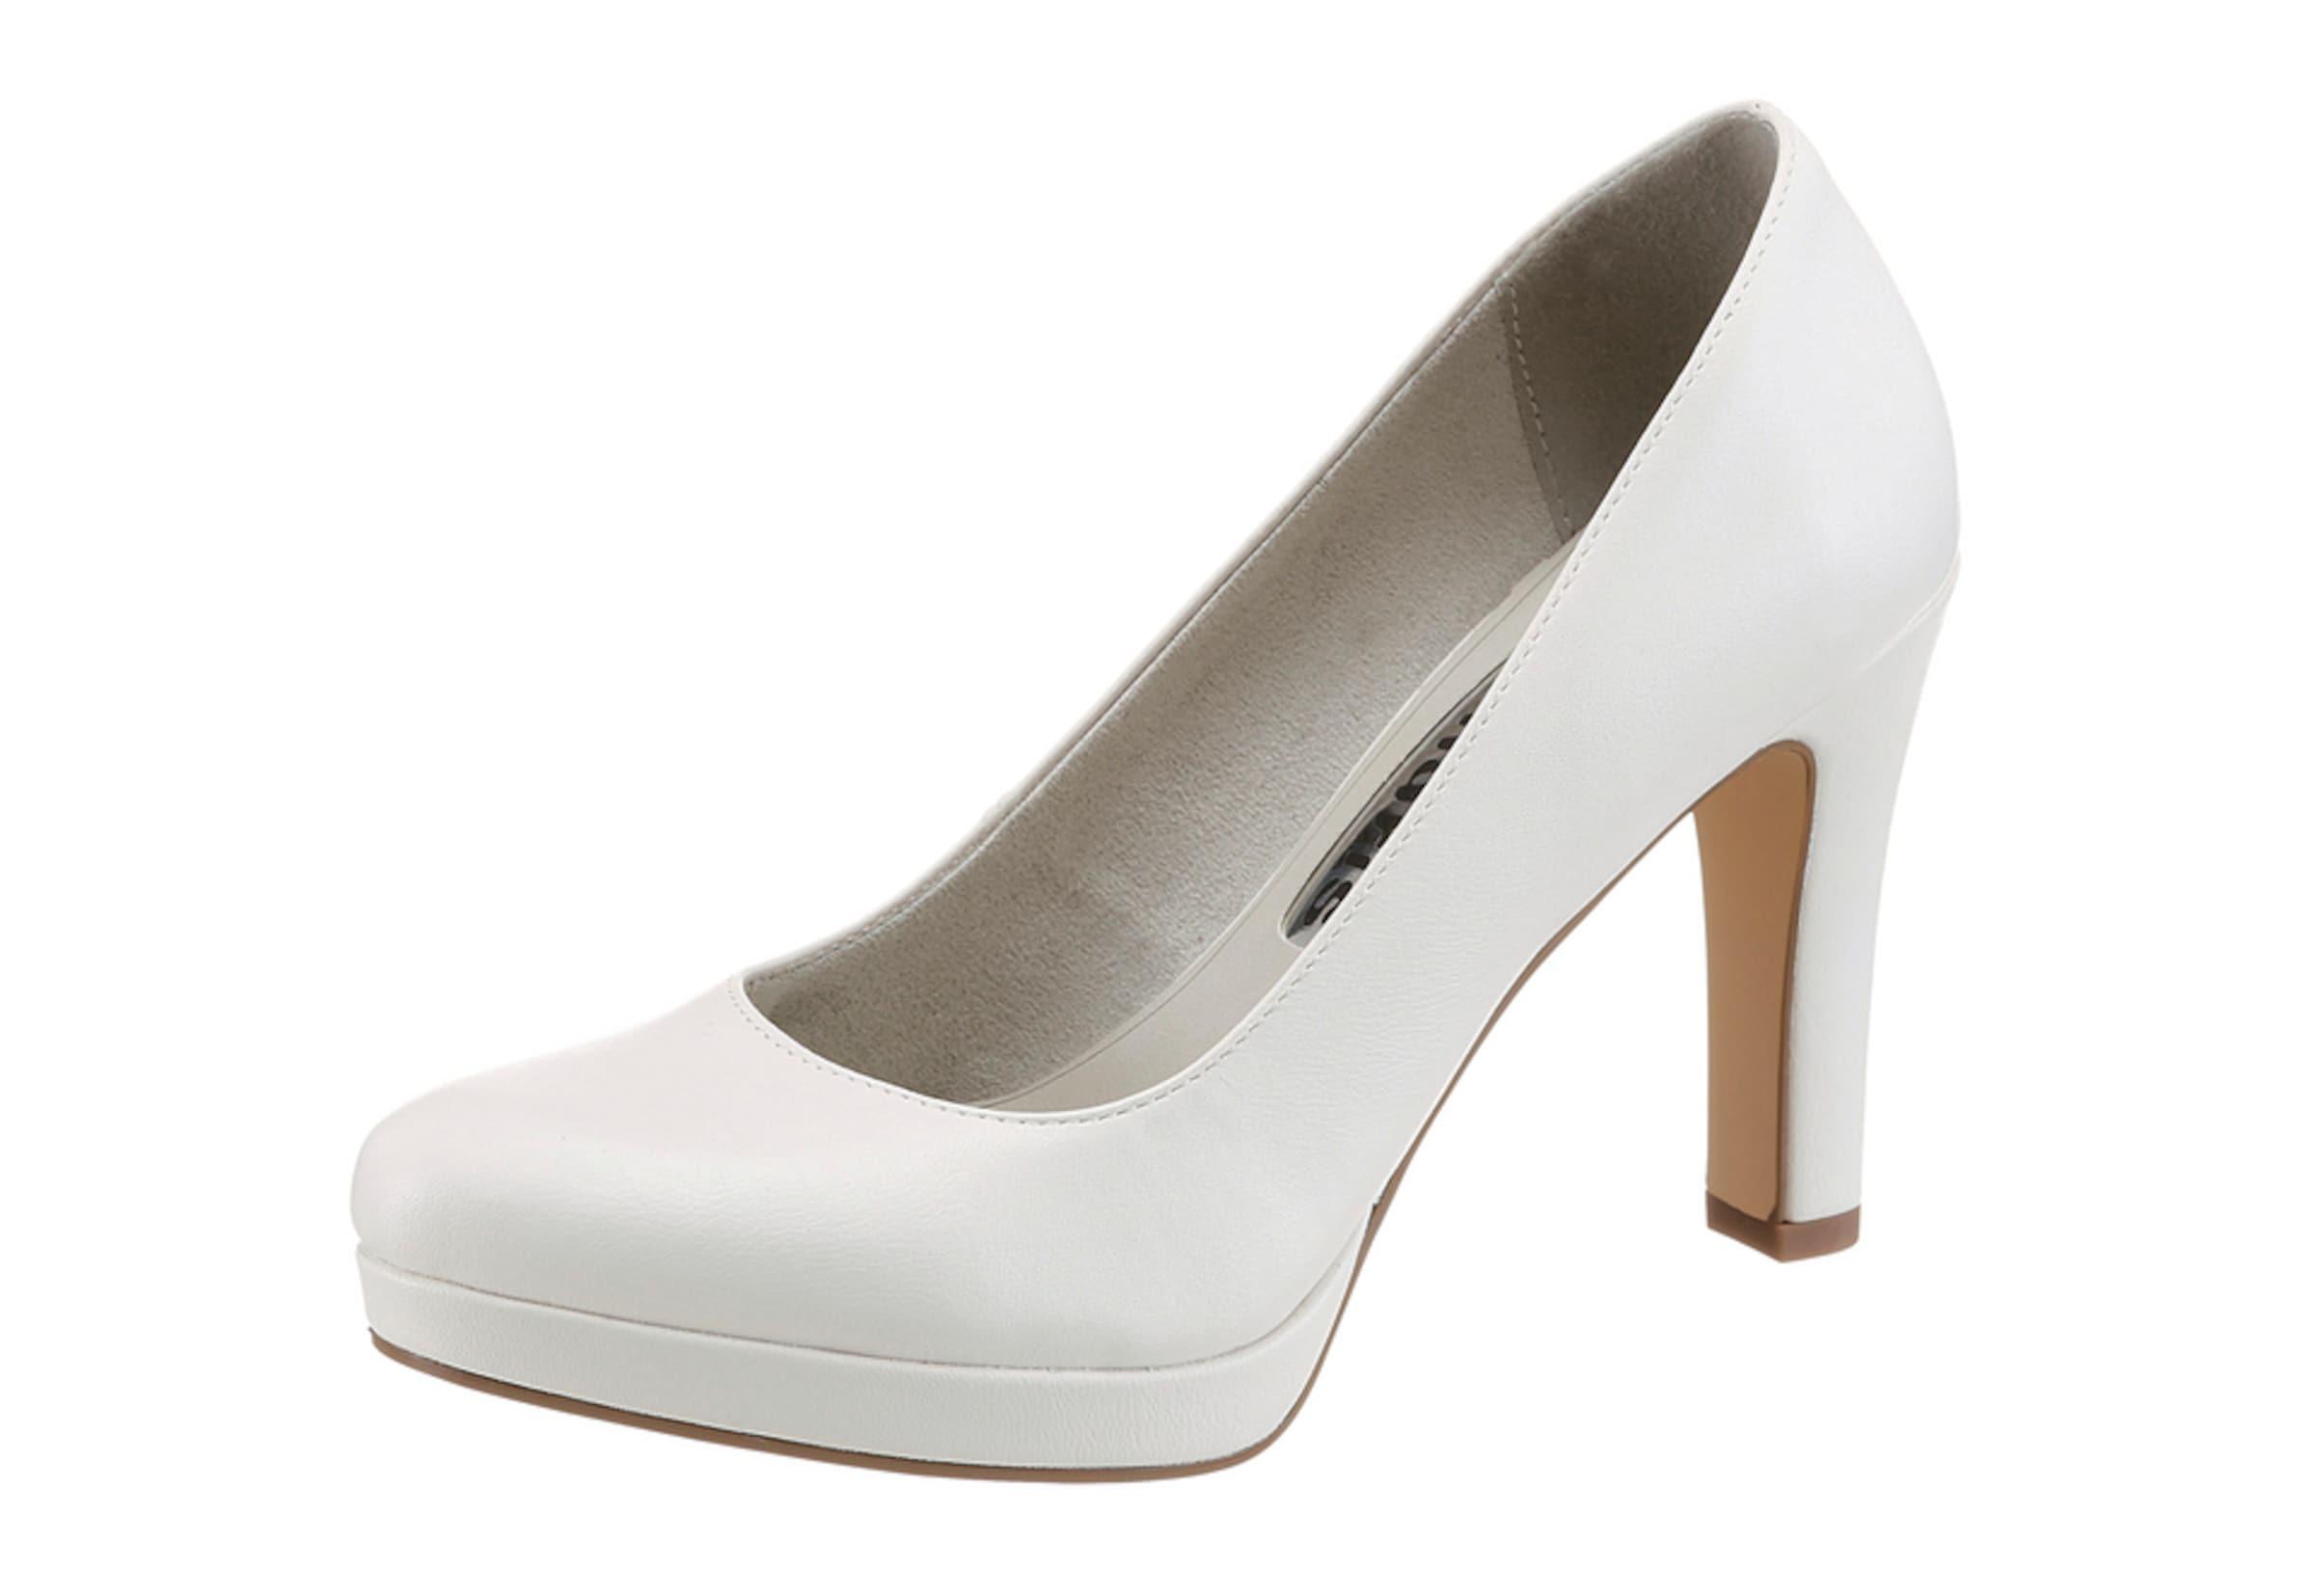 TAMARIS High Heel Pumps Günstige und langlebige Schuhe